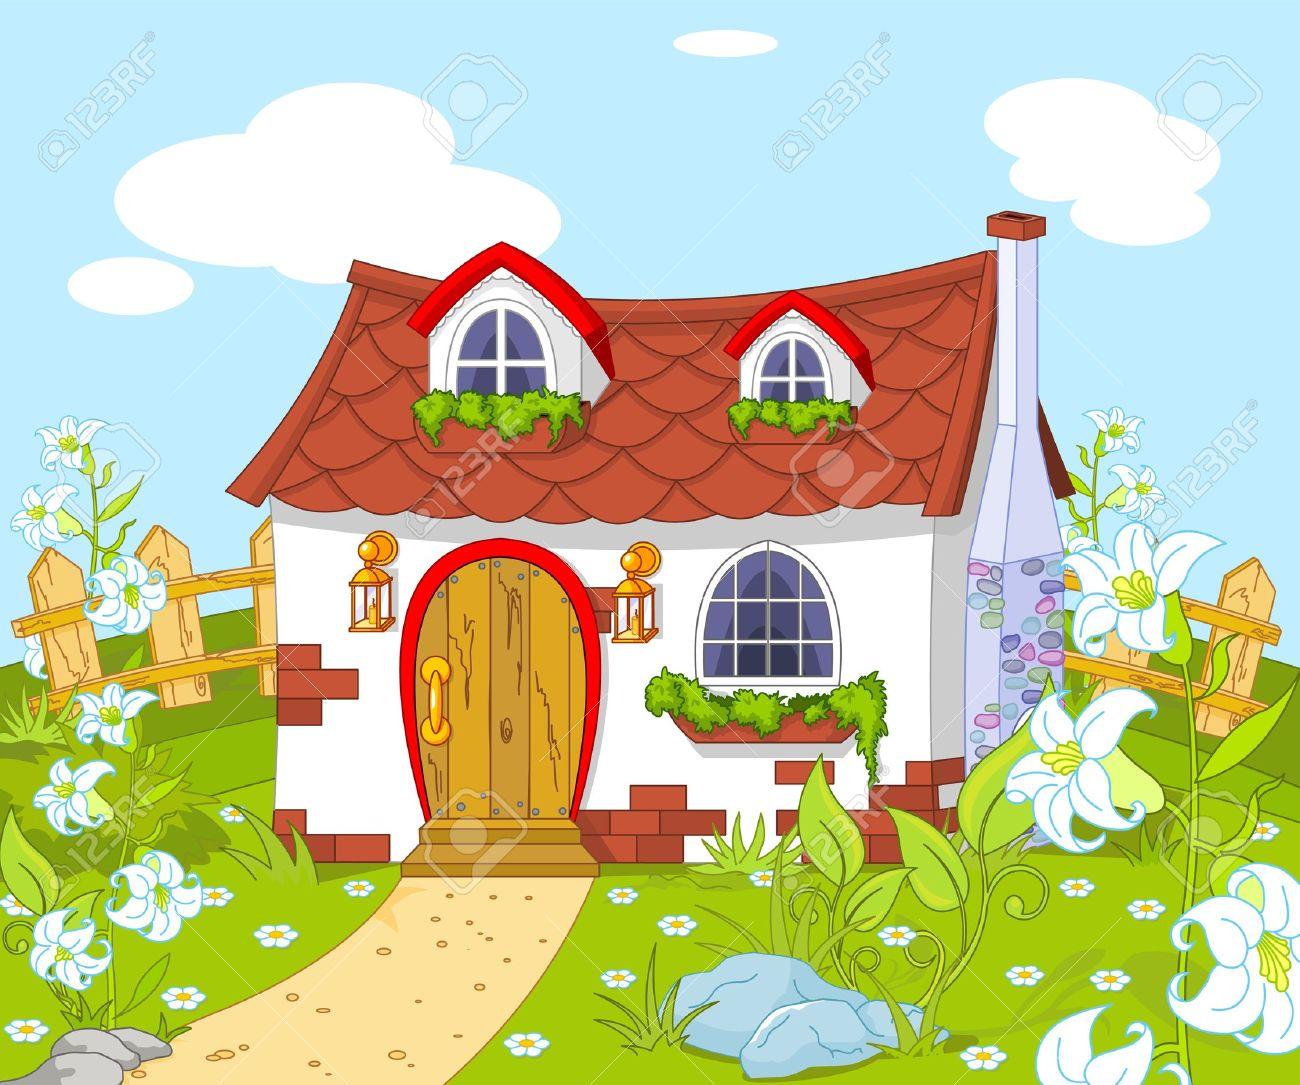 Banque dimages paysage de dessin animé avec petite maison mignonne